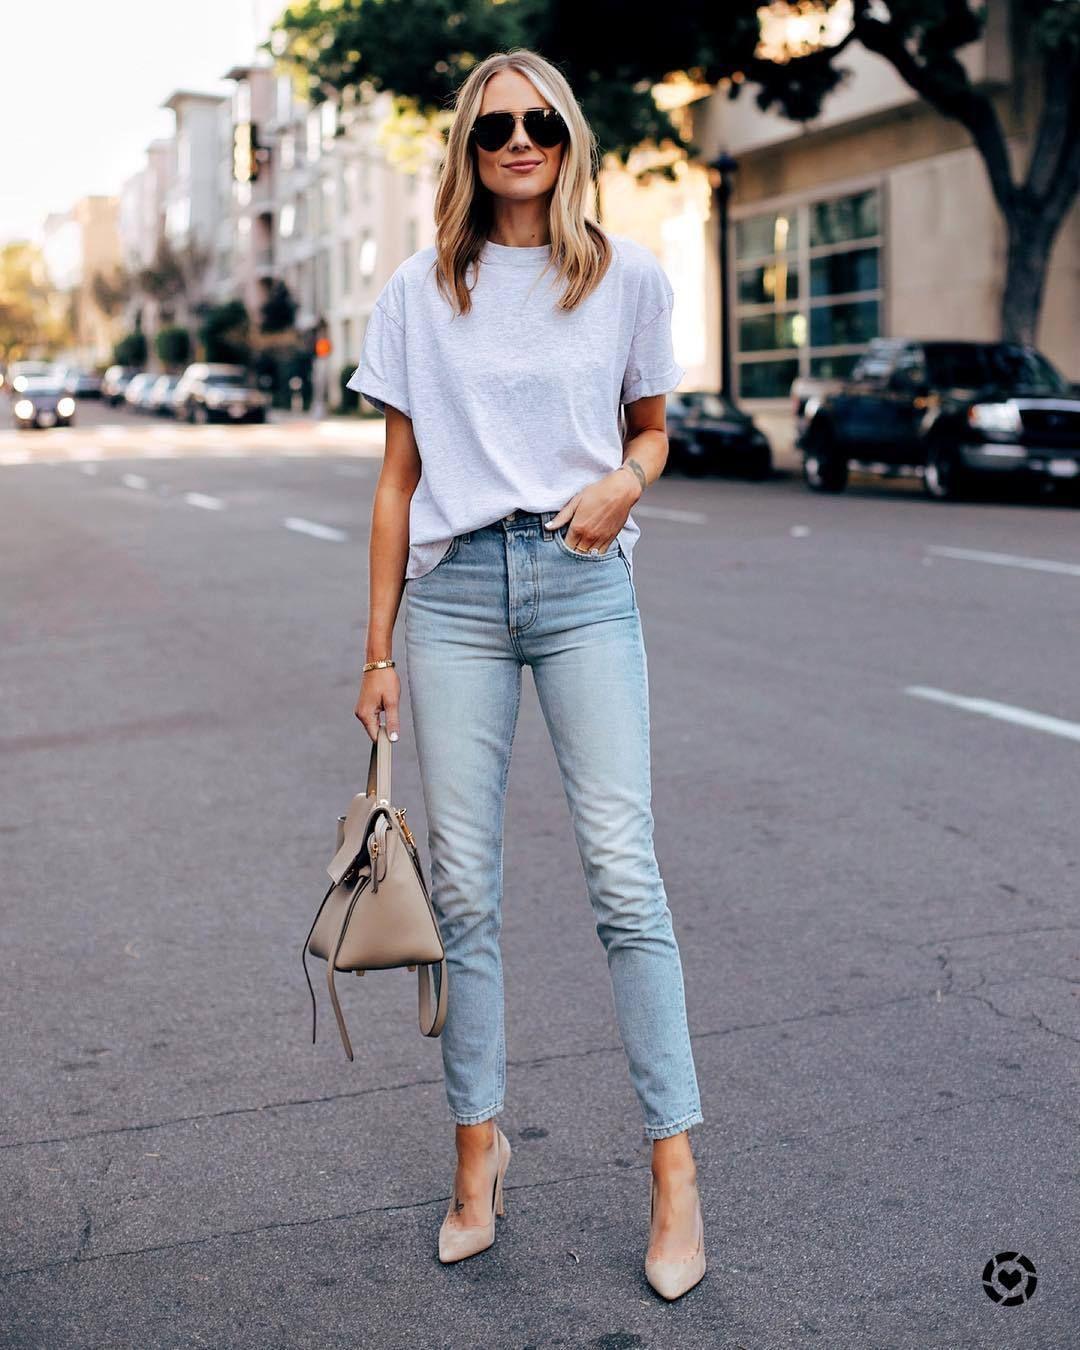 Get the jeans for $148 at shop.nordstrom.com – Wheretoget